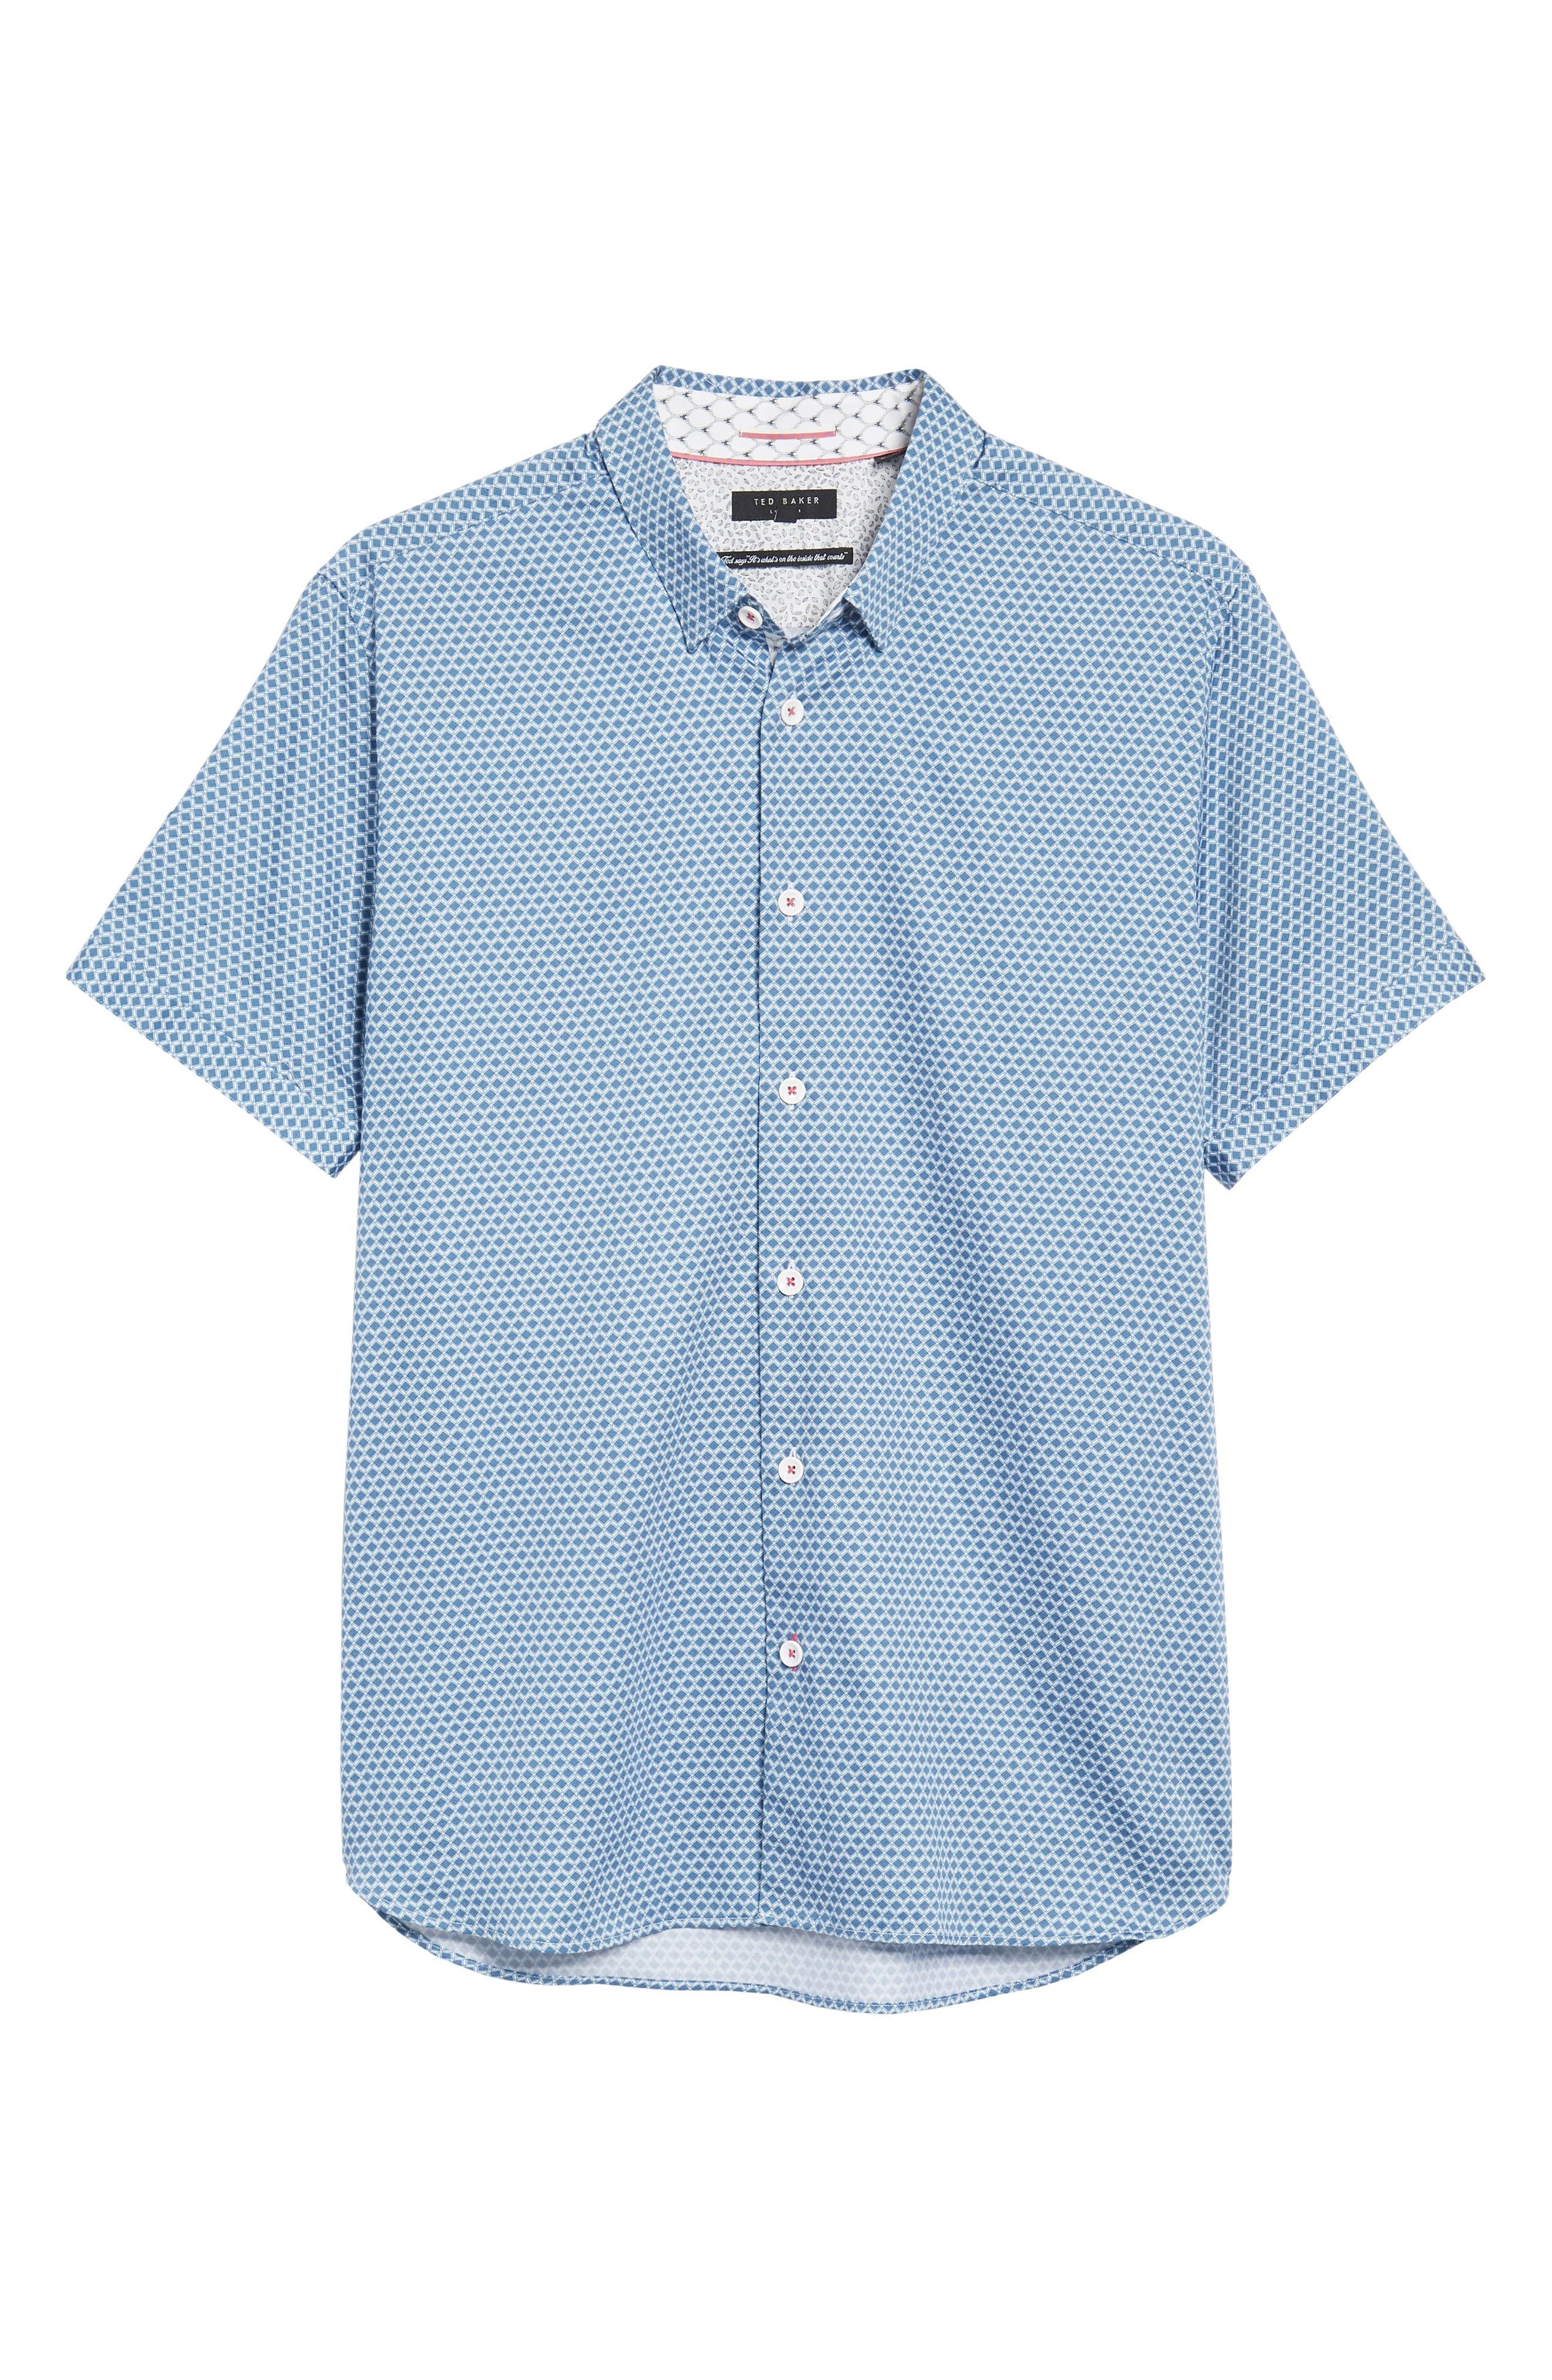 Gudvutt Short Sleeve Sport Shirt,                             Alternate thumbnail 6, color,                             400